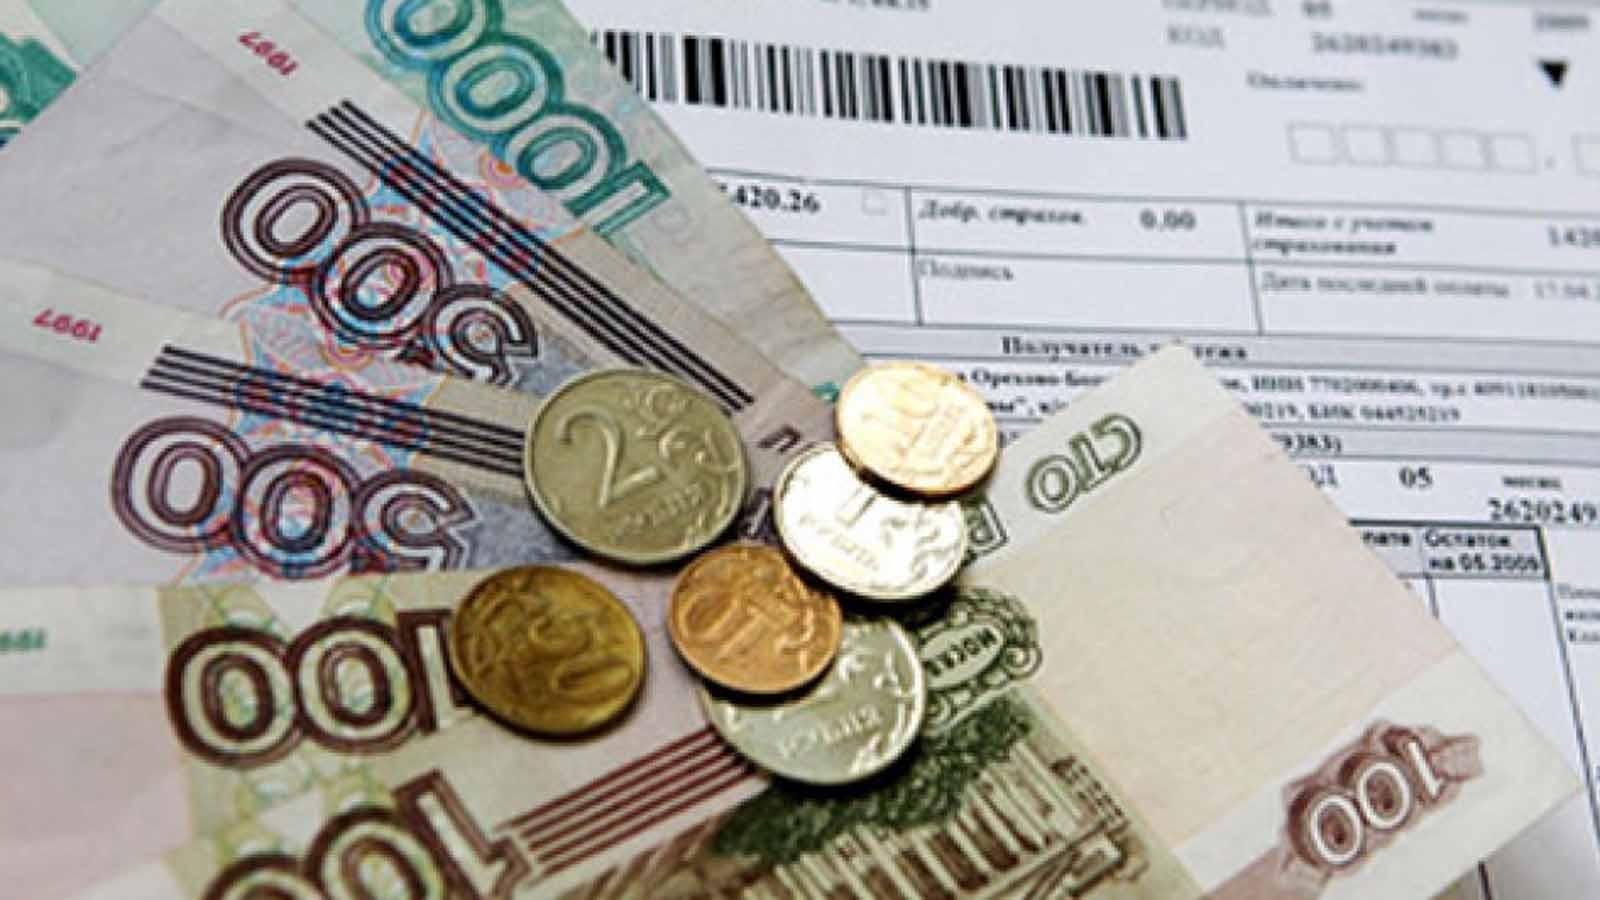 Задолженность жителей Северной Осетии за капитальный ремонт превысила 1,4 миллиарда рублей